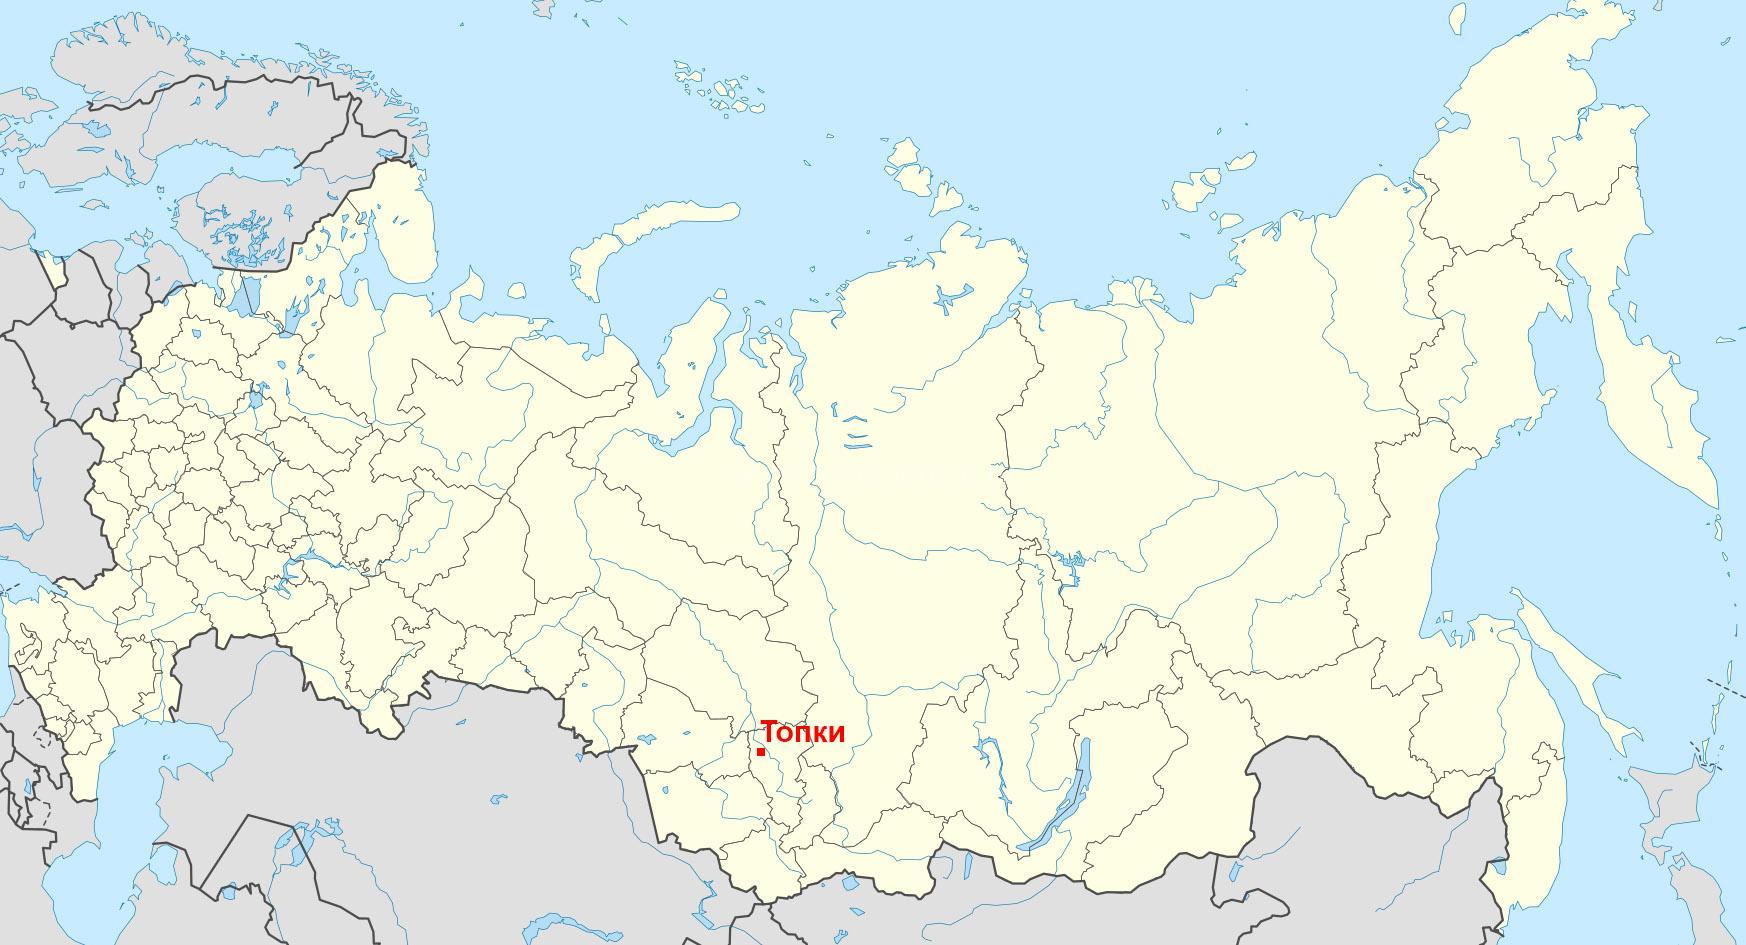 Город Топки Кемеровской области на карте России